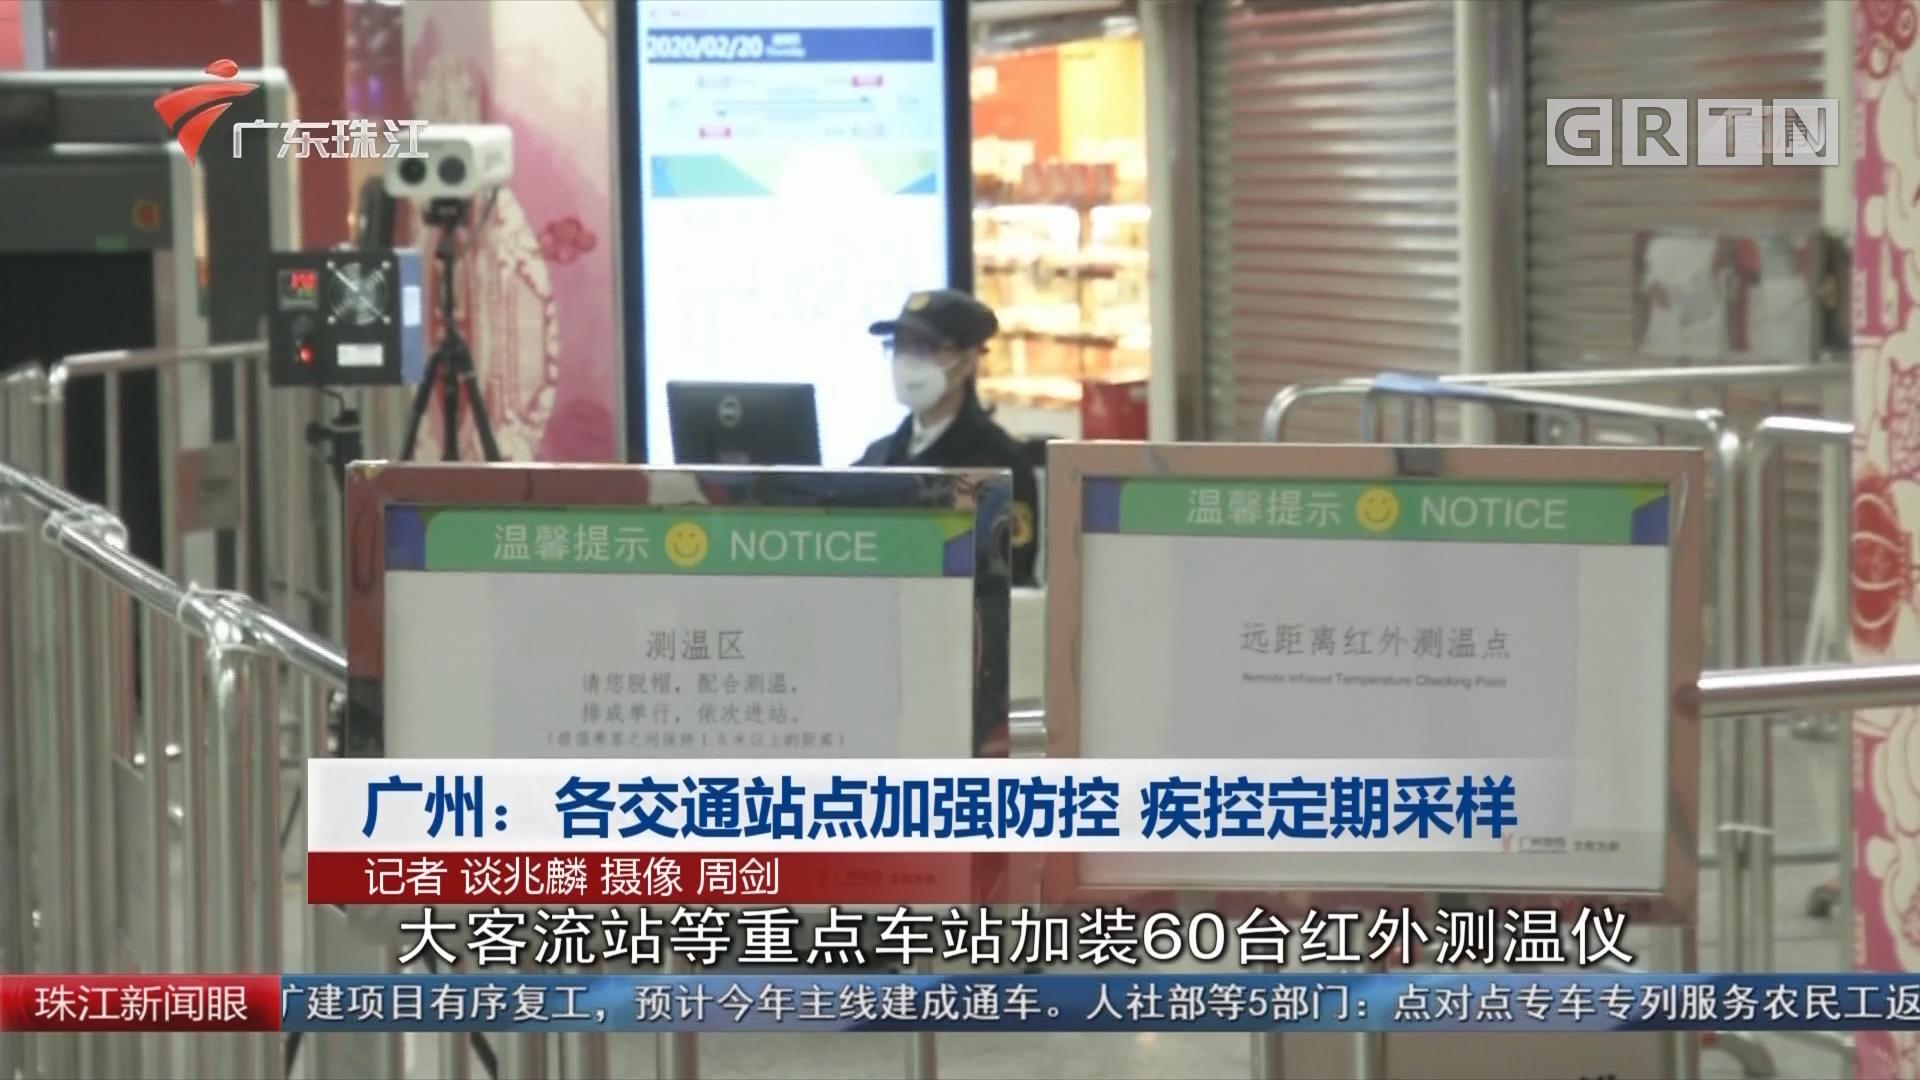 广州:各交通站点加强防控 疾控定期采样